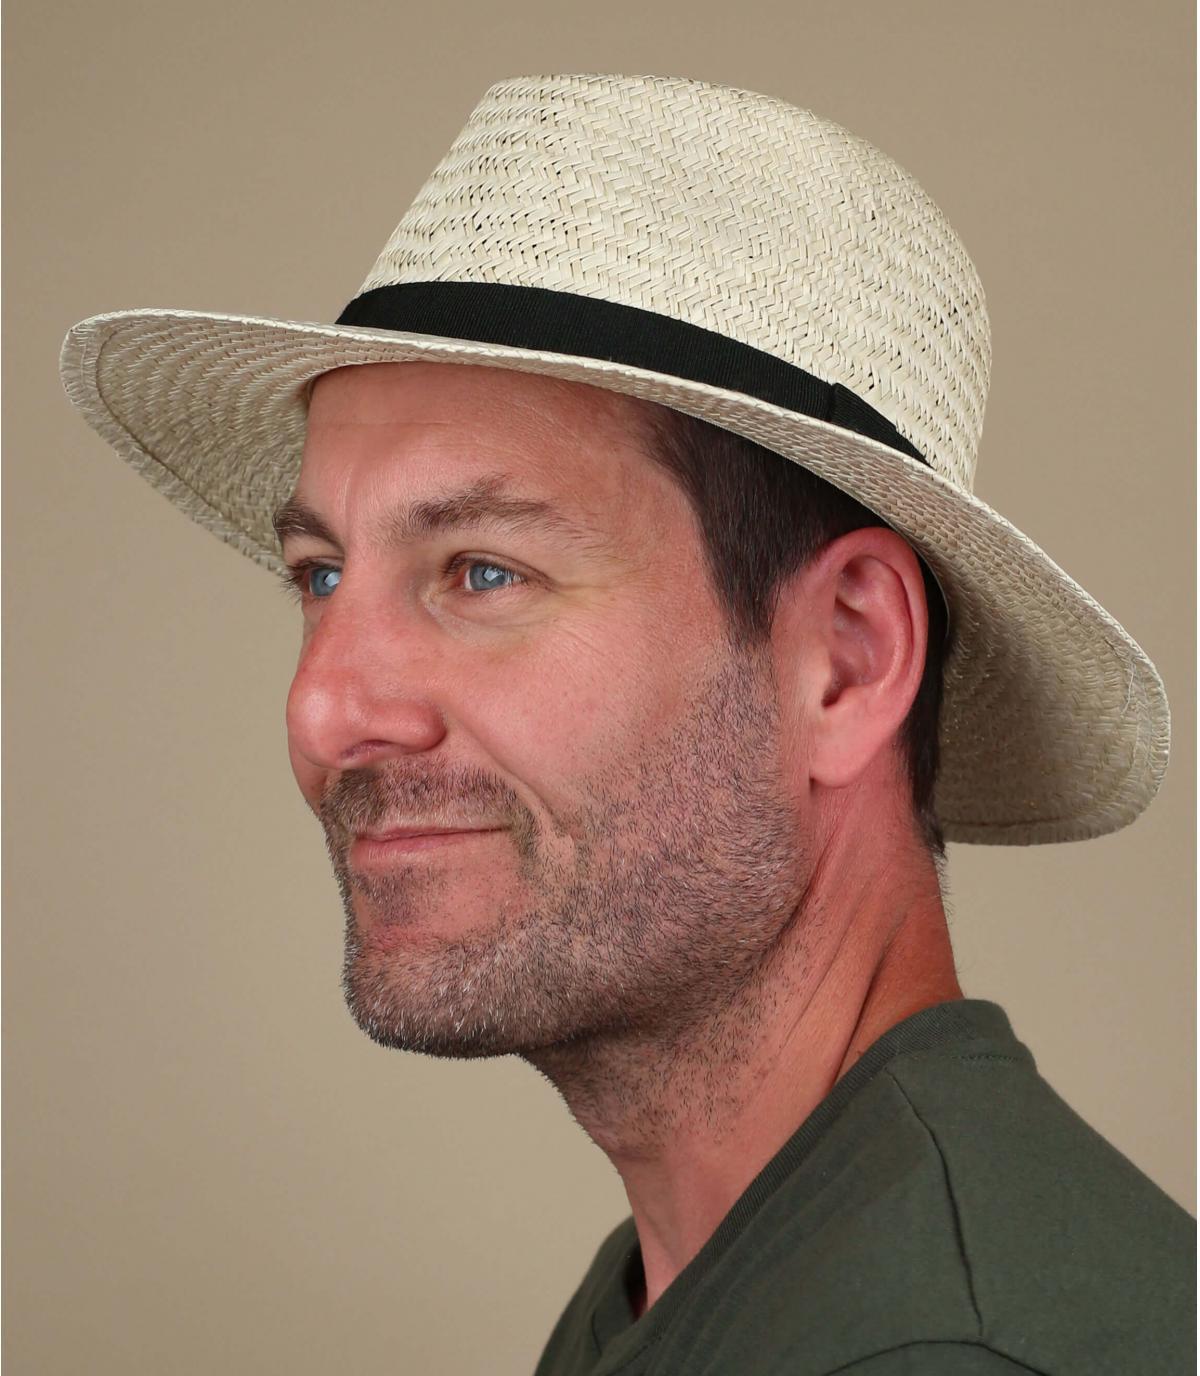 sombrero paja ala ancha